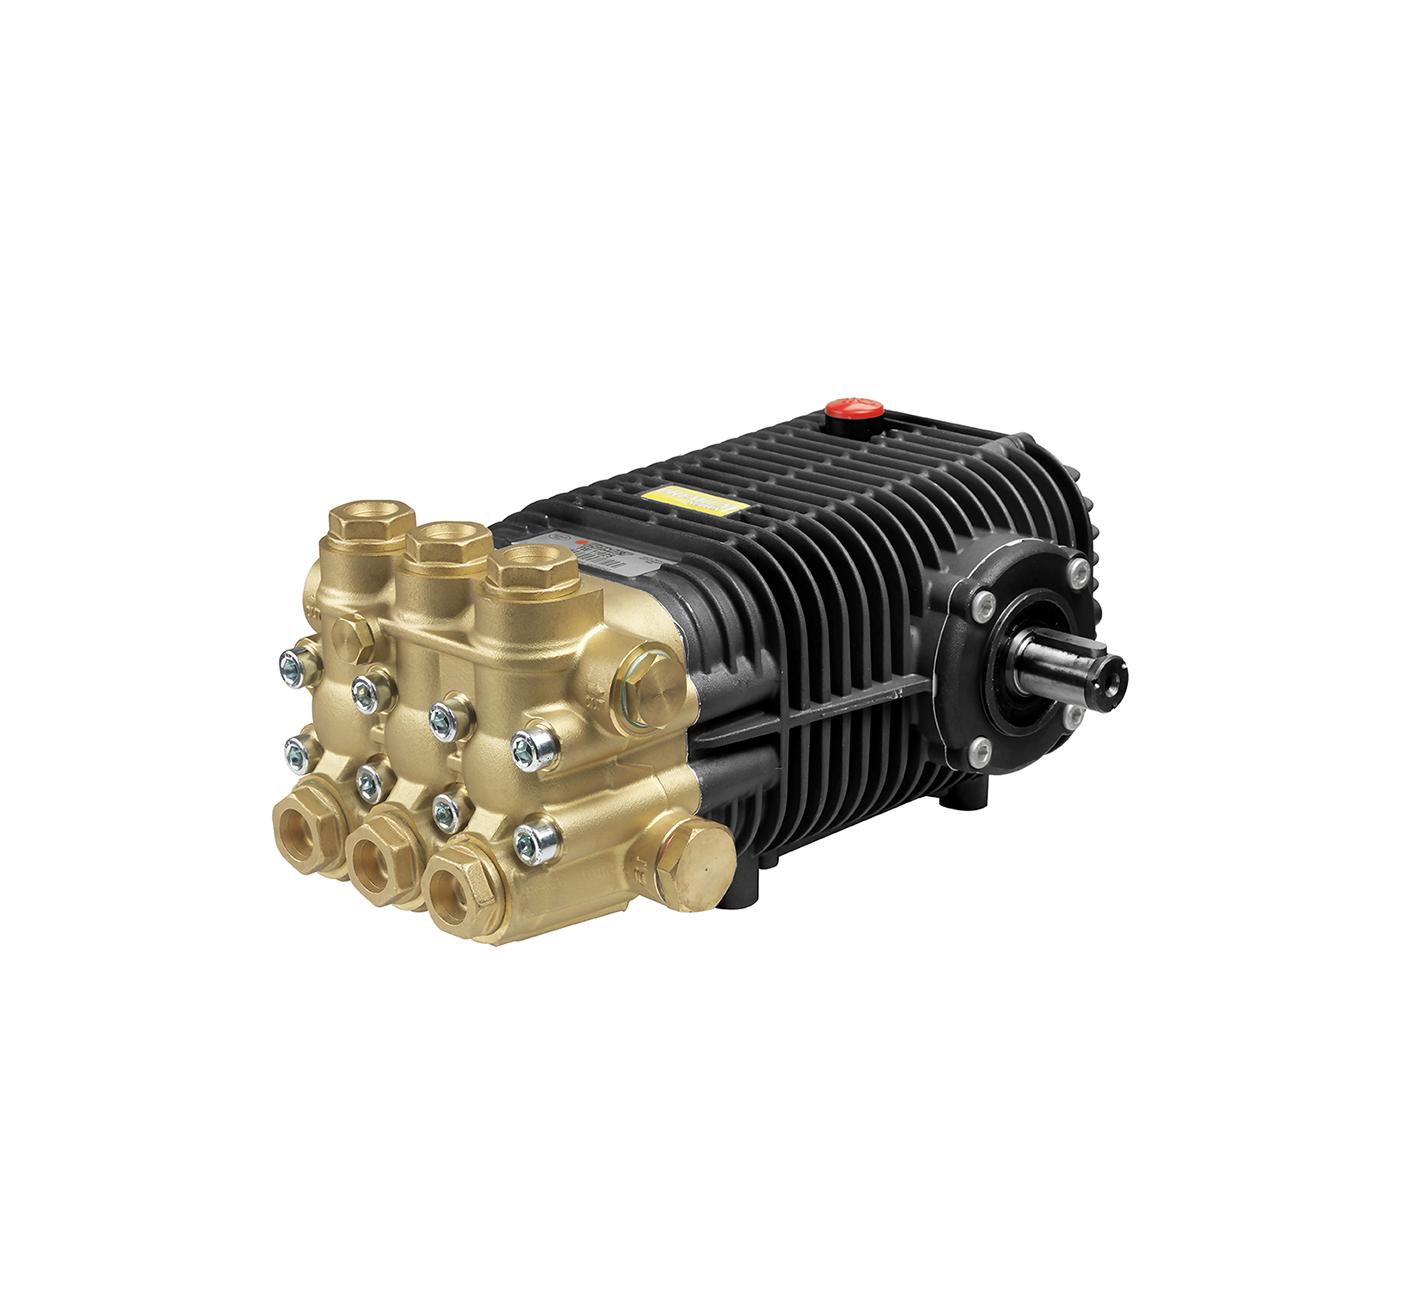 TW Comet Industrial Pumps